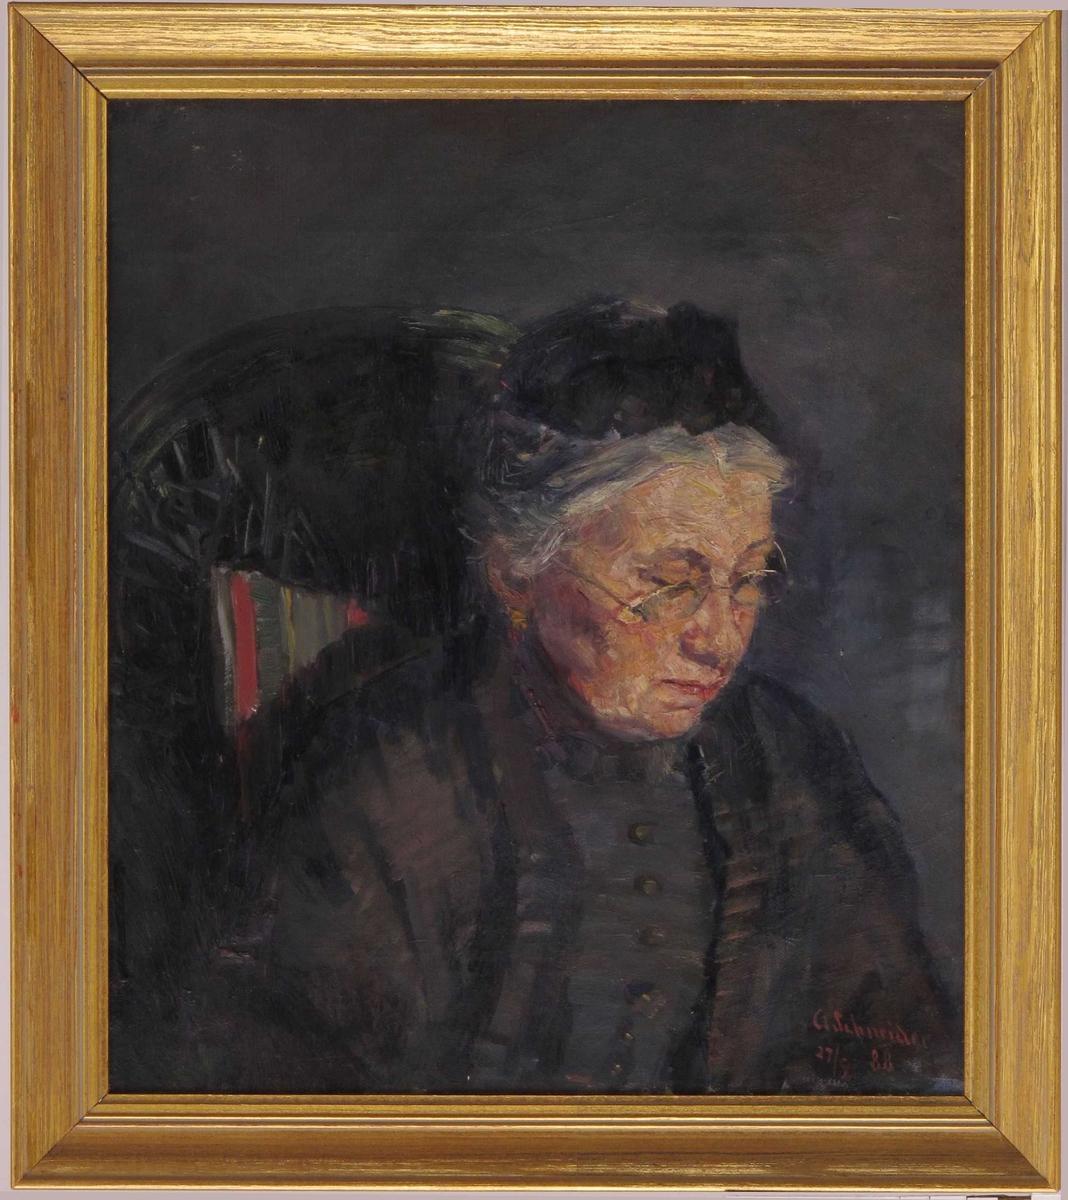 Portrett, eldre kvinne. Ansiktet vendt mot venstre, ser ned (på et håndarbeide e.l.), briller. Grått hår. Kledd i sort kjole, og sort hodeplagg. Sitter i en stol, en ser noe av stoltrekket. Grå bakgrunn. Ingen opplysninger om hvem den avbildede kvinnen er, Hun kan muligens være kunstnerens mor.